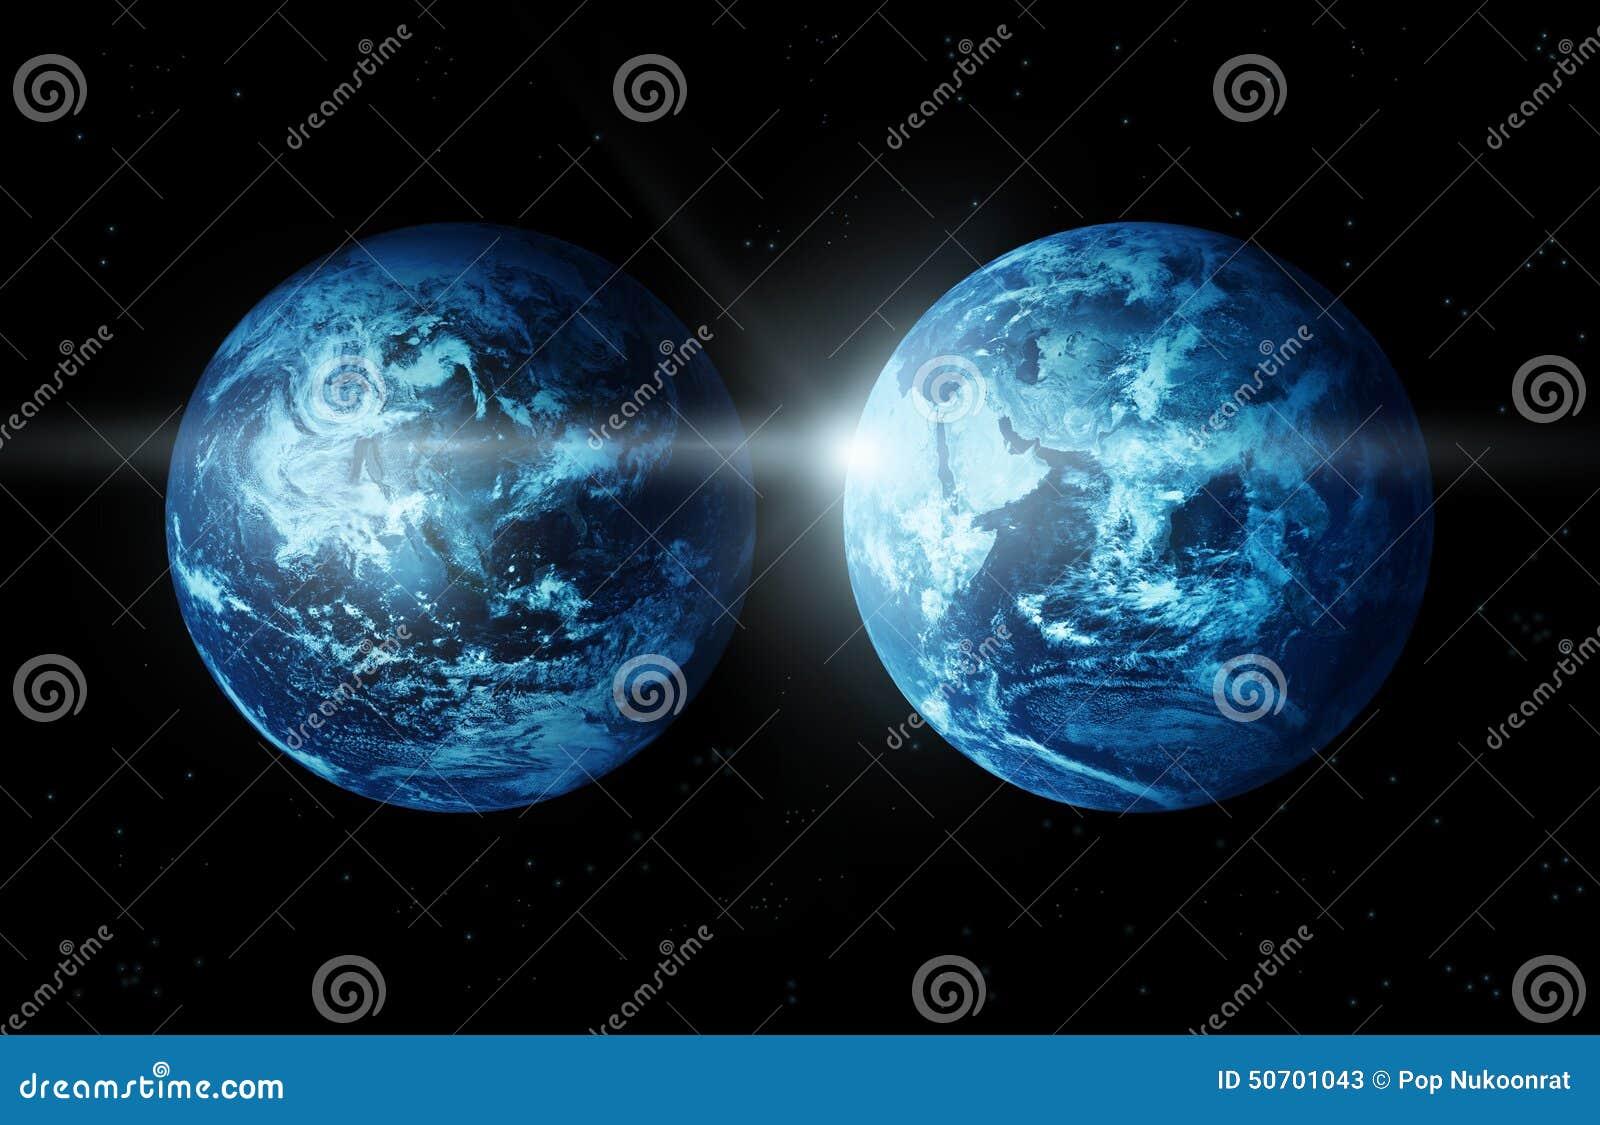 Πλανήτης Γη δύο ήπειρος με τον ήλιο που αυξάνεται από την διαστημικός-αρχική εικόνα από τη NASA